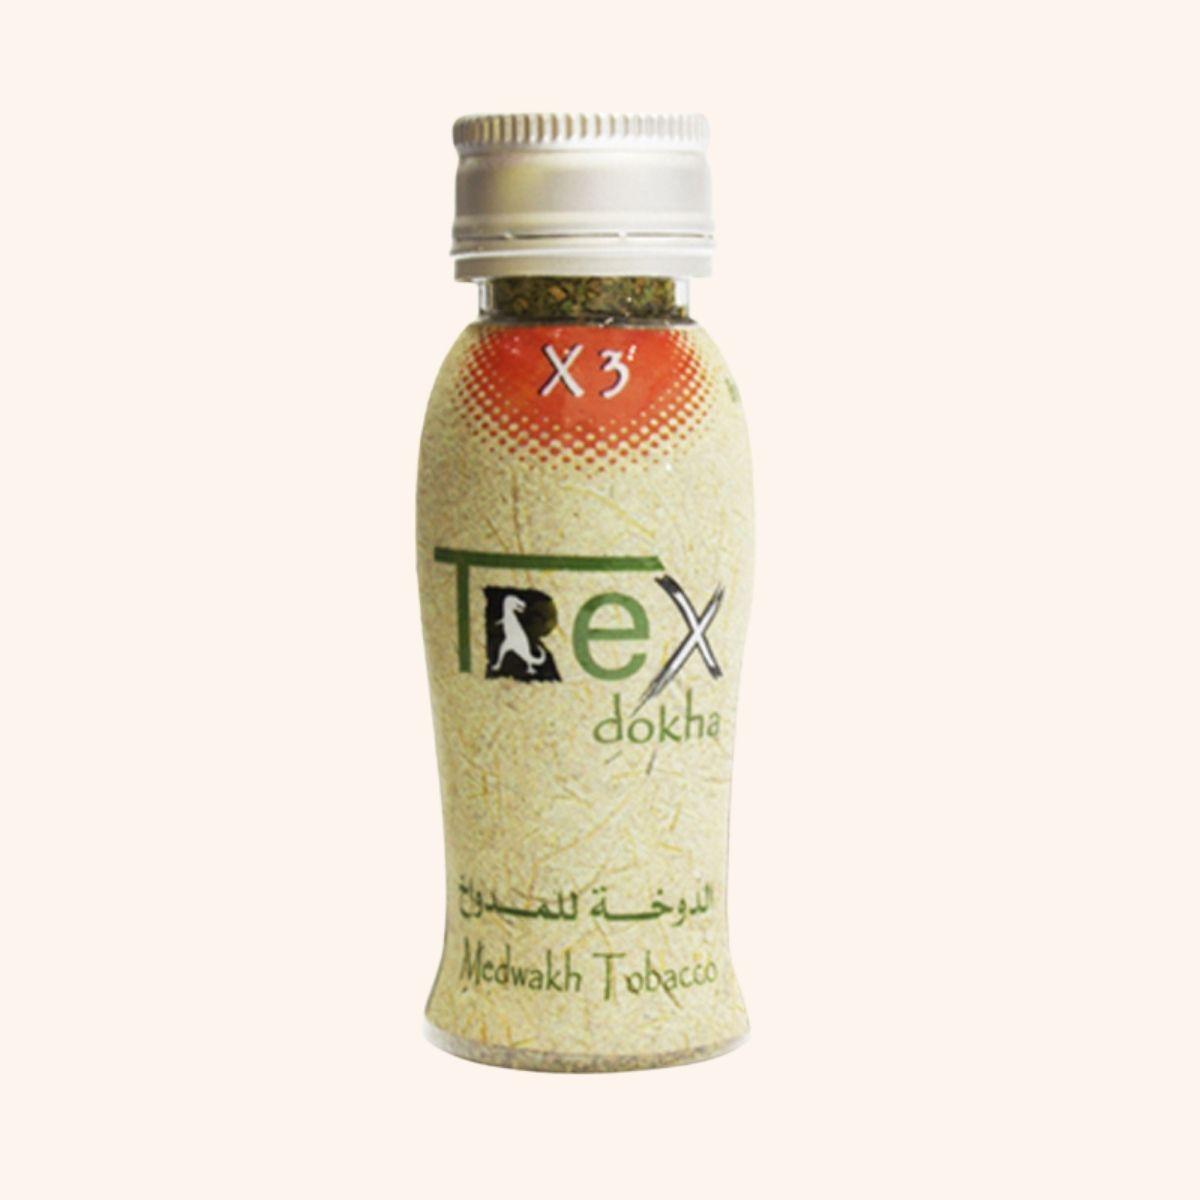 Trex X3 Dokha by Bin Khumery – 50ml / 14g